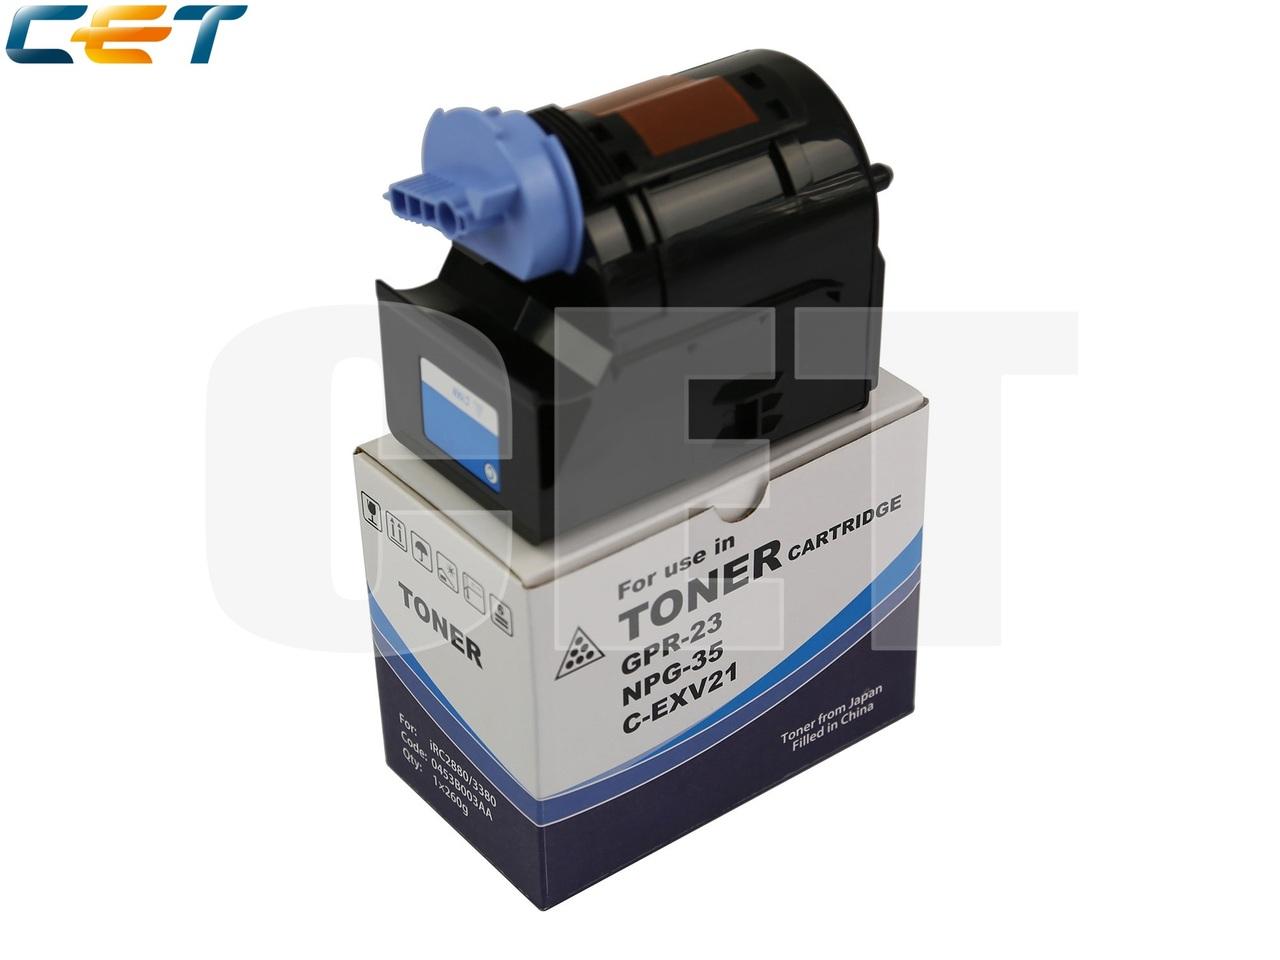 Тонер-картридж C-EXV21 для CANON iRC2880/C3380 (CET)Cyan, 260г, 14000 стр., CET6569